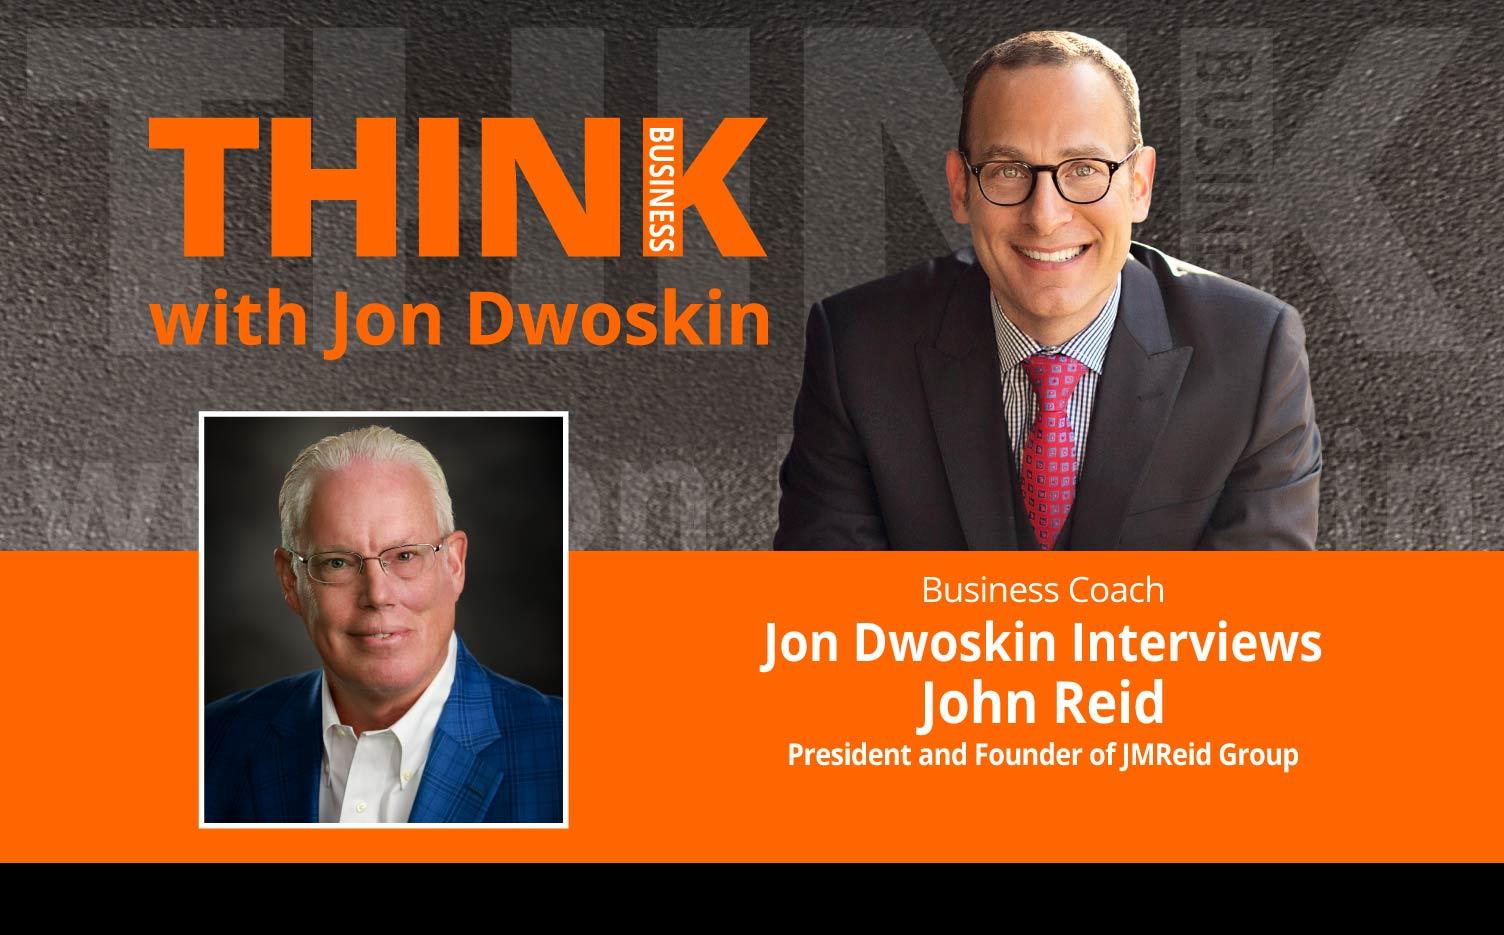 THINK Business Podcast: Jon Dwoskin Interviews John Reid, President and Founder of JMReid Group